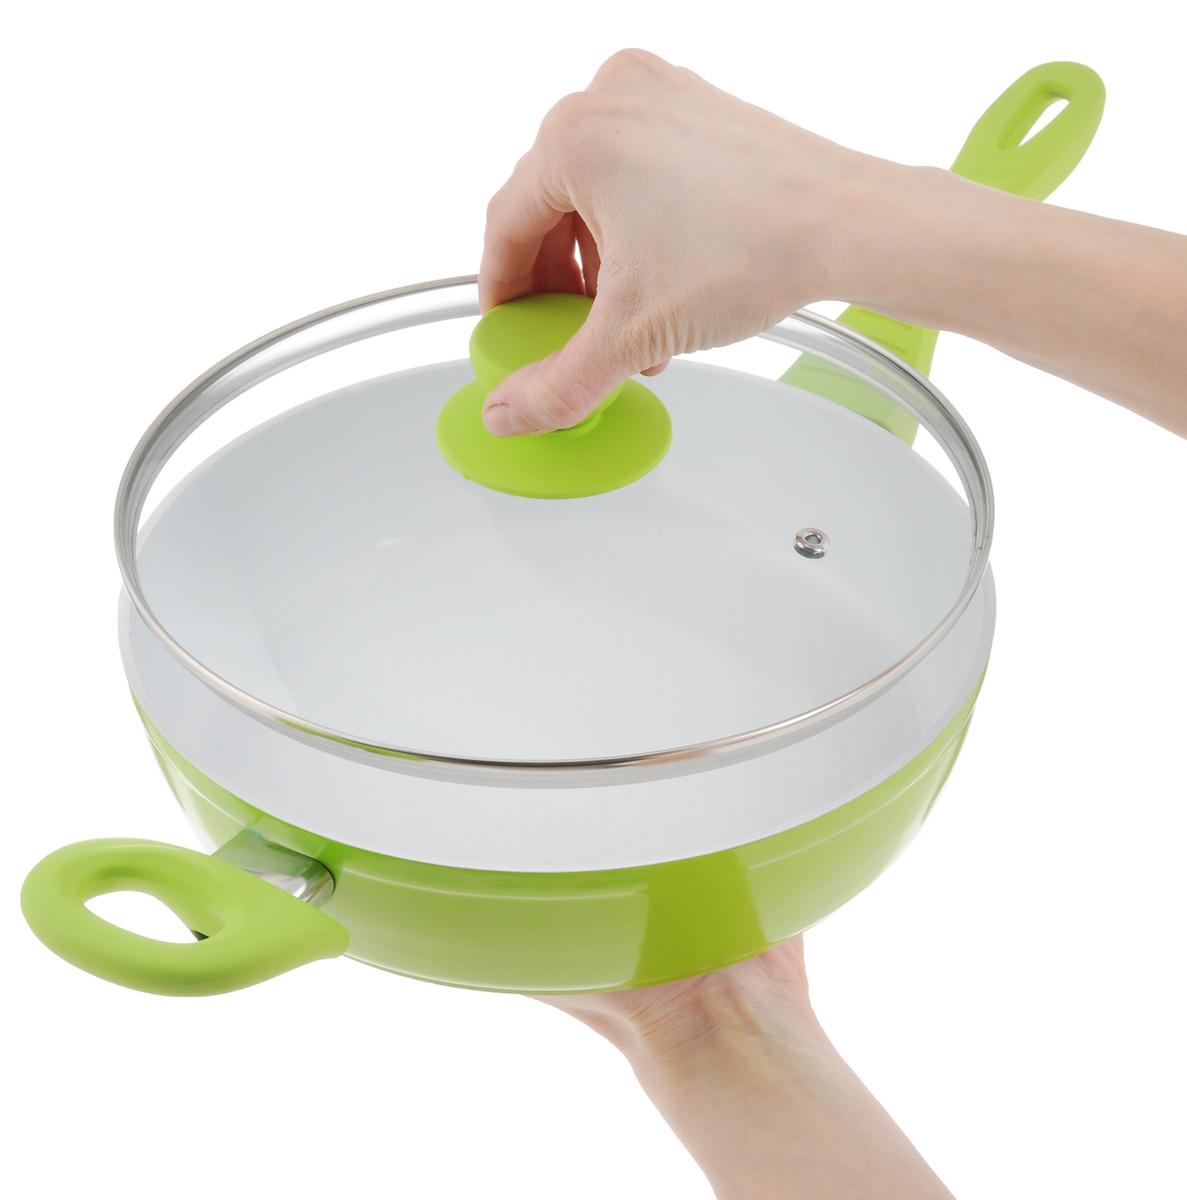 """Сковорода """"Добрыня"""" с крышкой, с керамическим покрытием, цвет: салатовый. Диаметр 24 см. DO-5007"""